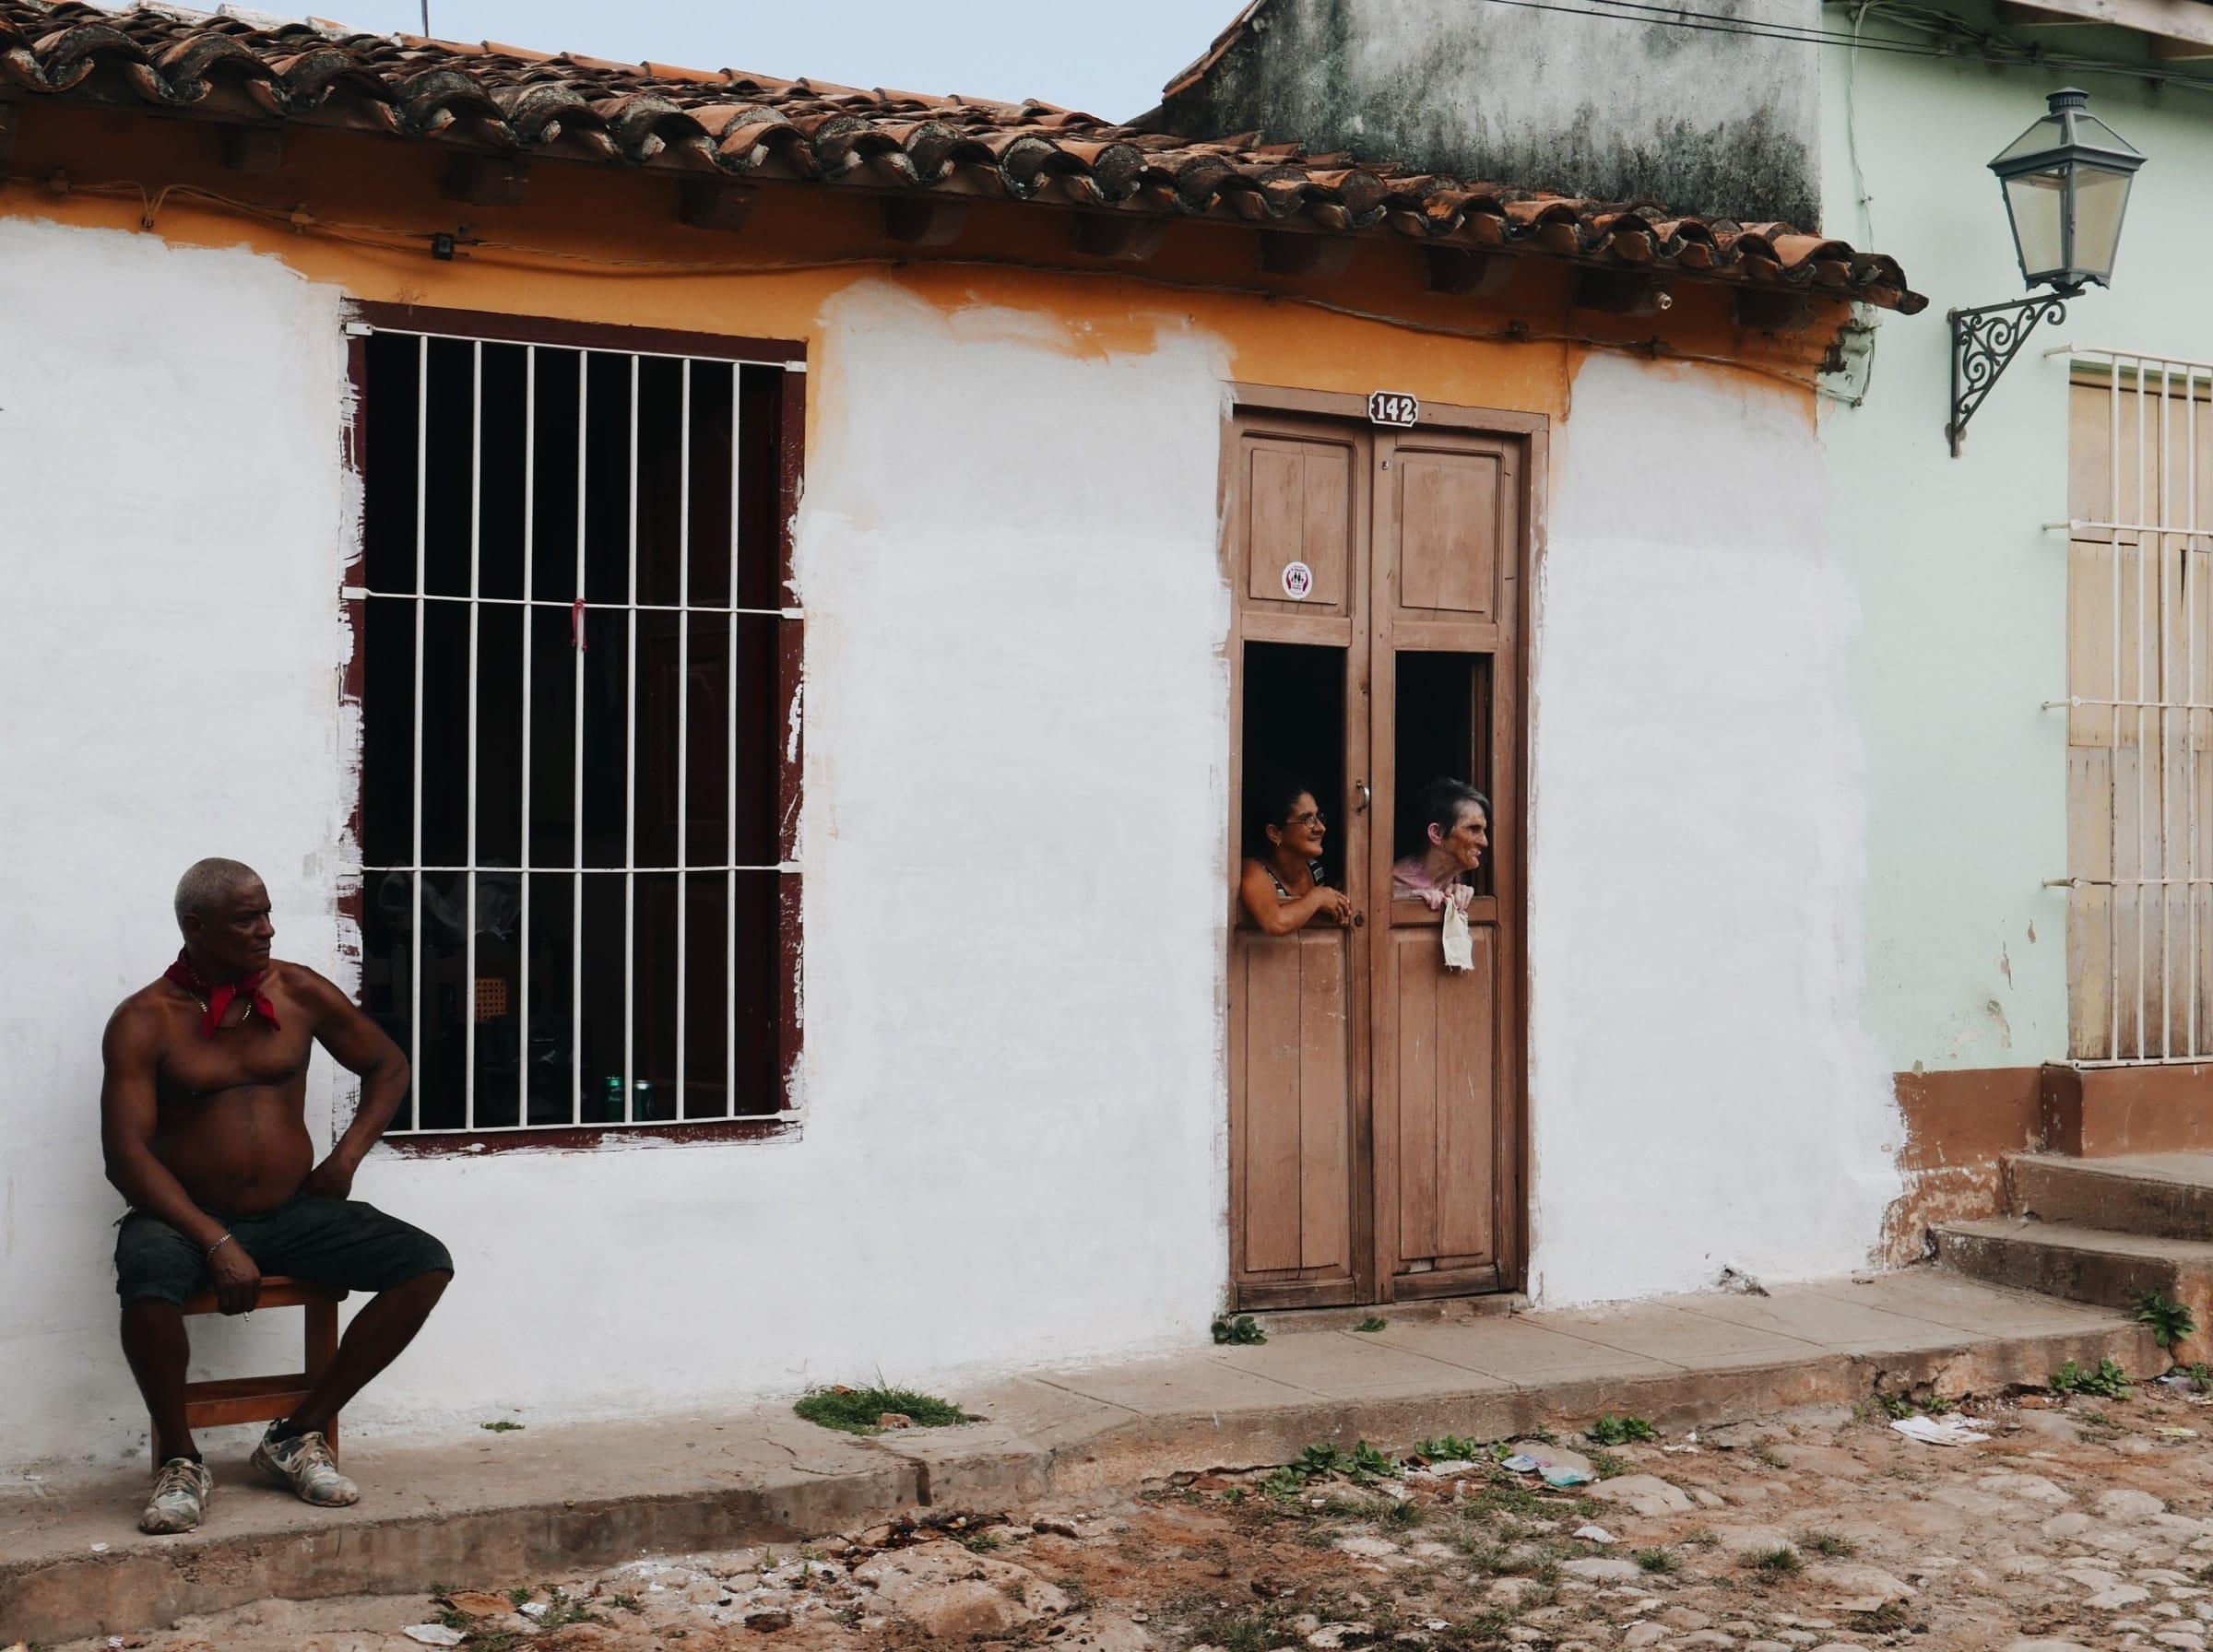 Versleten geveltjes in Trinidad, Cuba